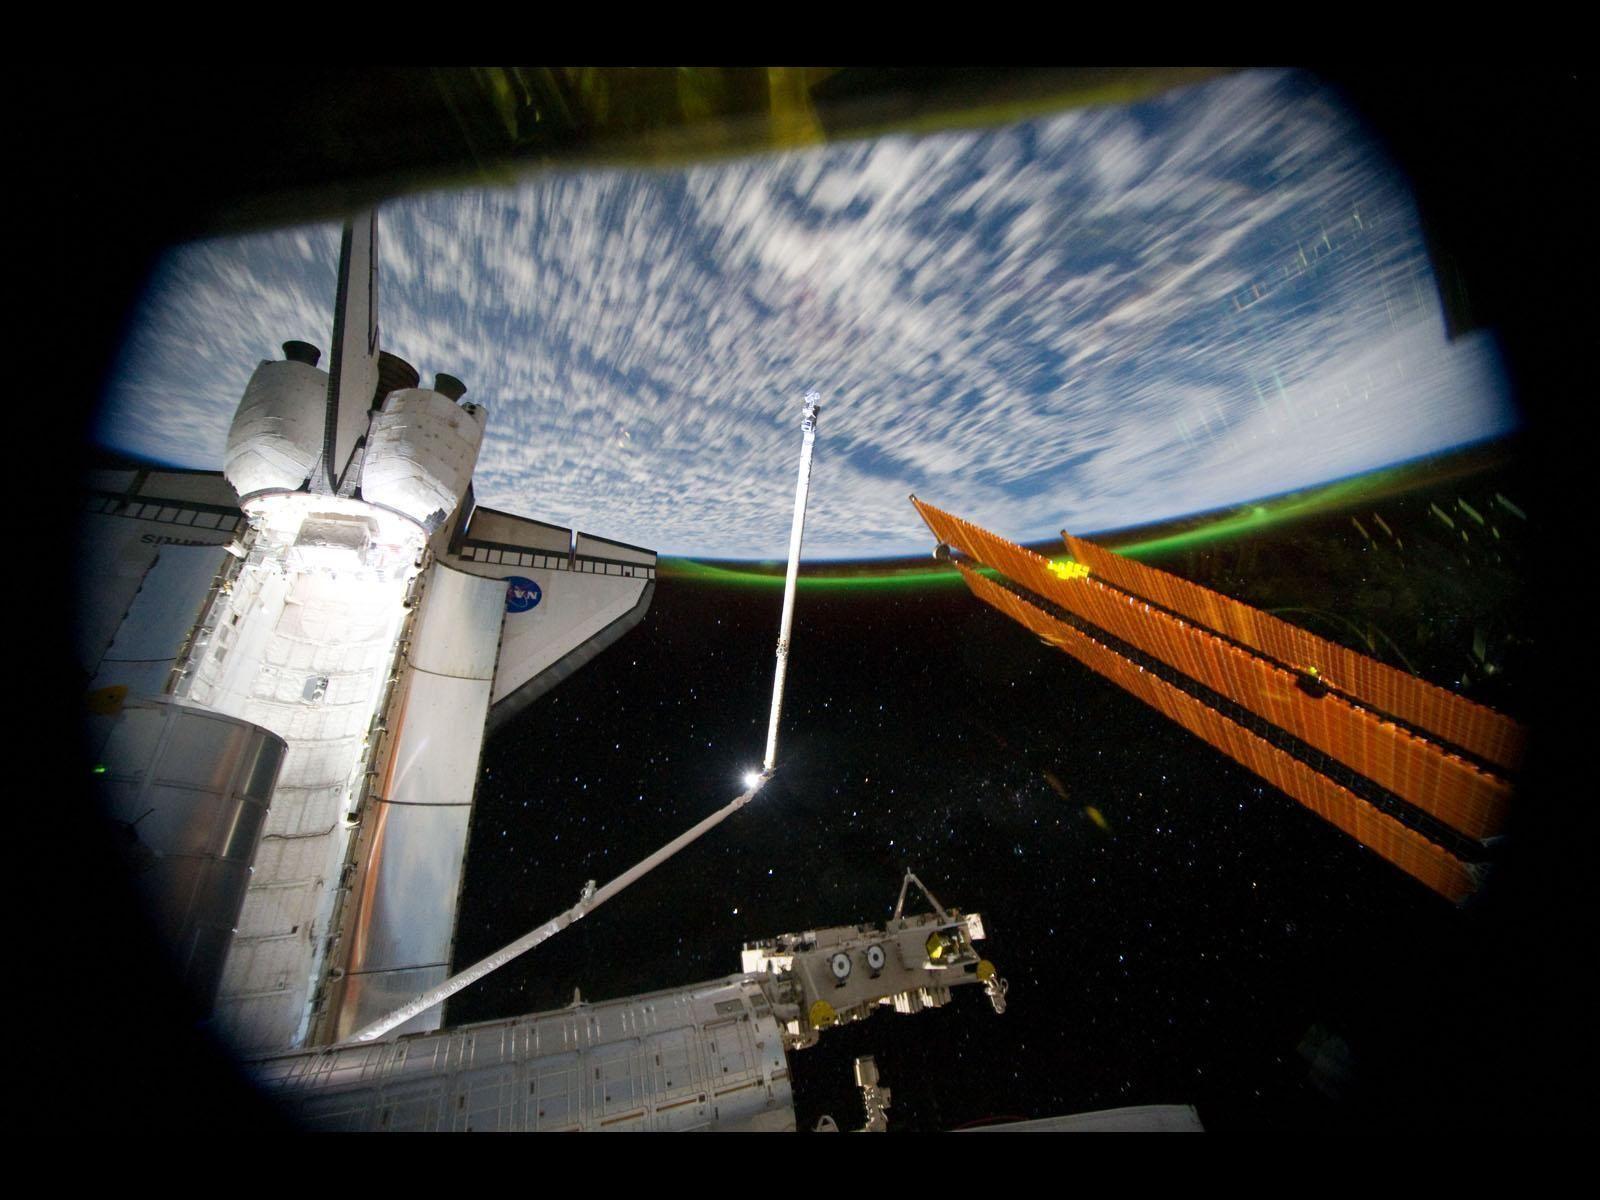 міжнародна космічна станція, скотт келлі_2